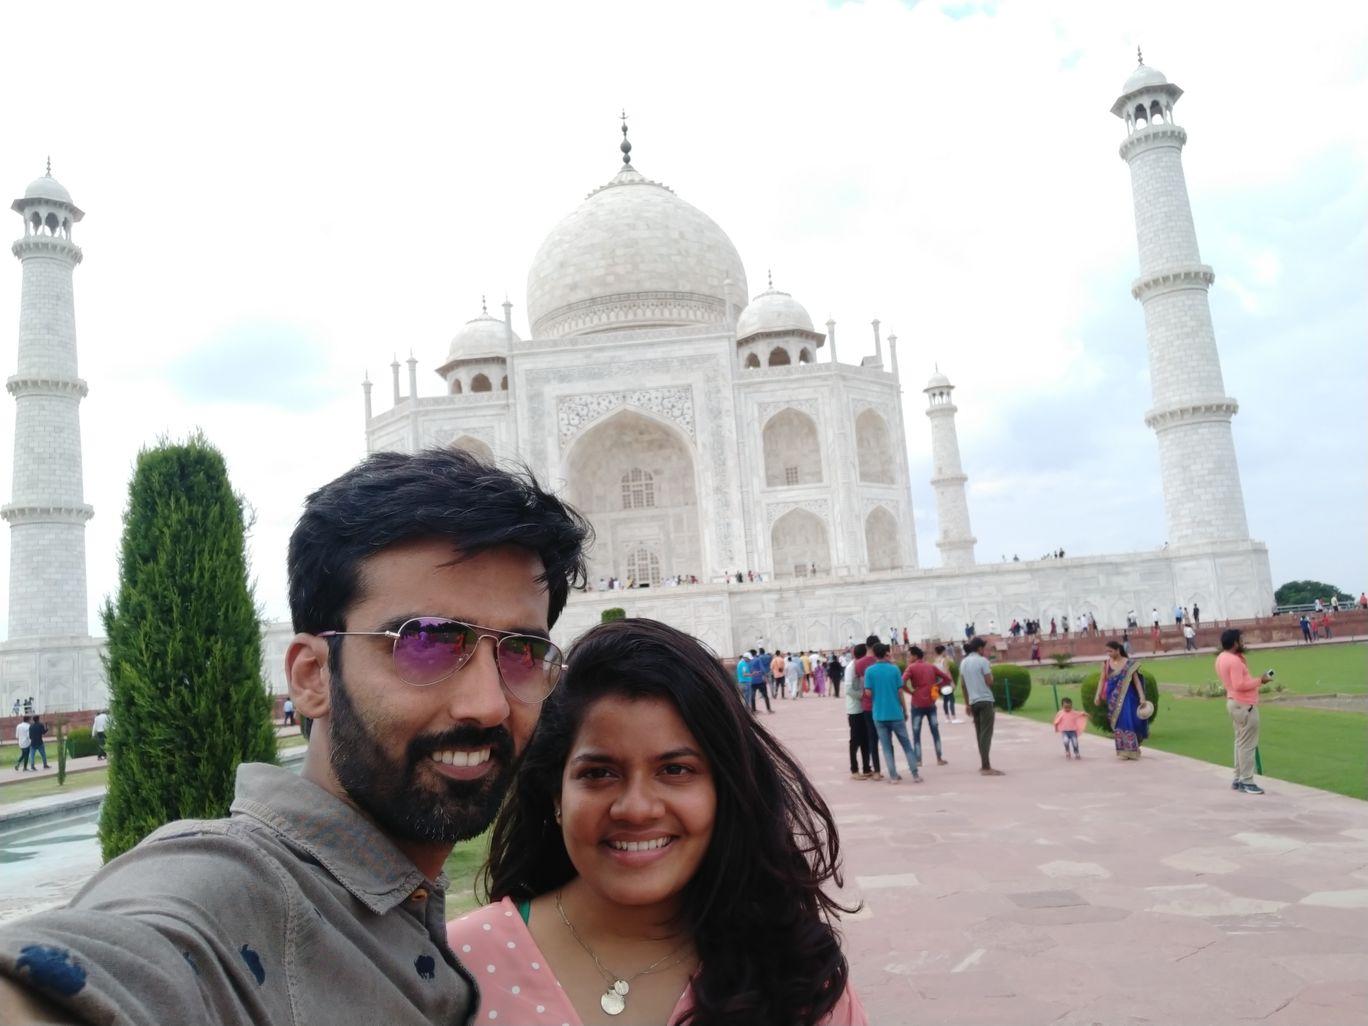 Photo of Taj Mahal By dipesh diwan